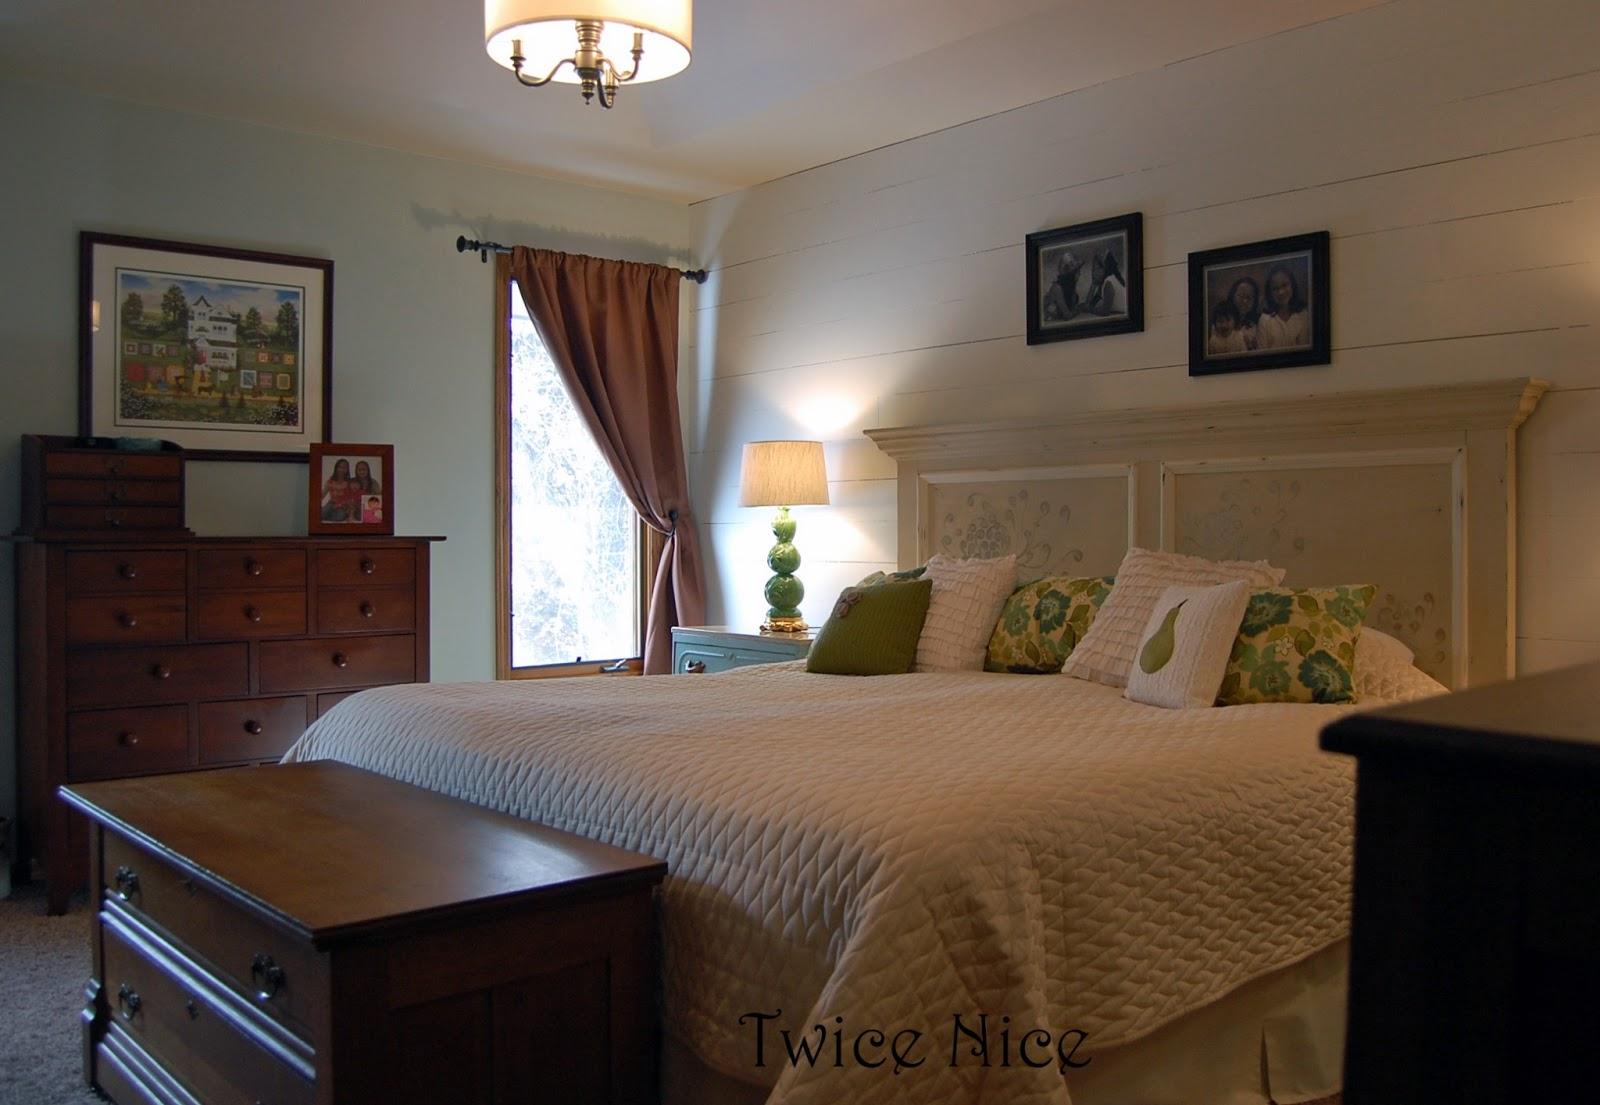 Twice Nice Master Bedroom Update